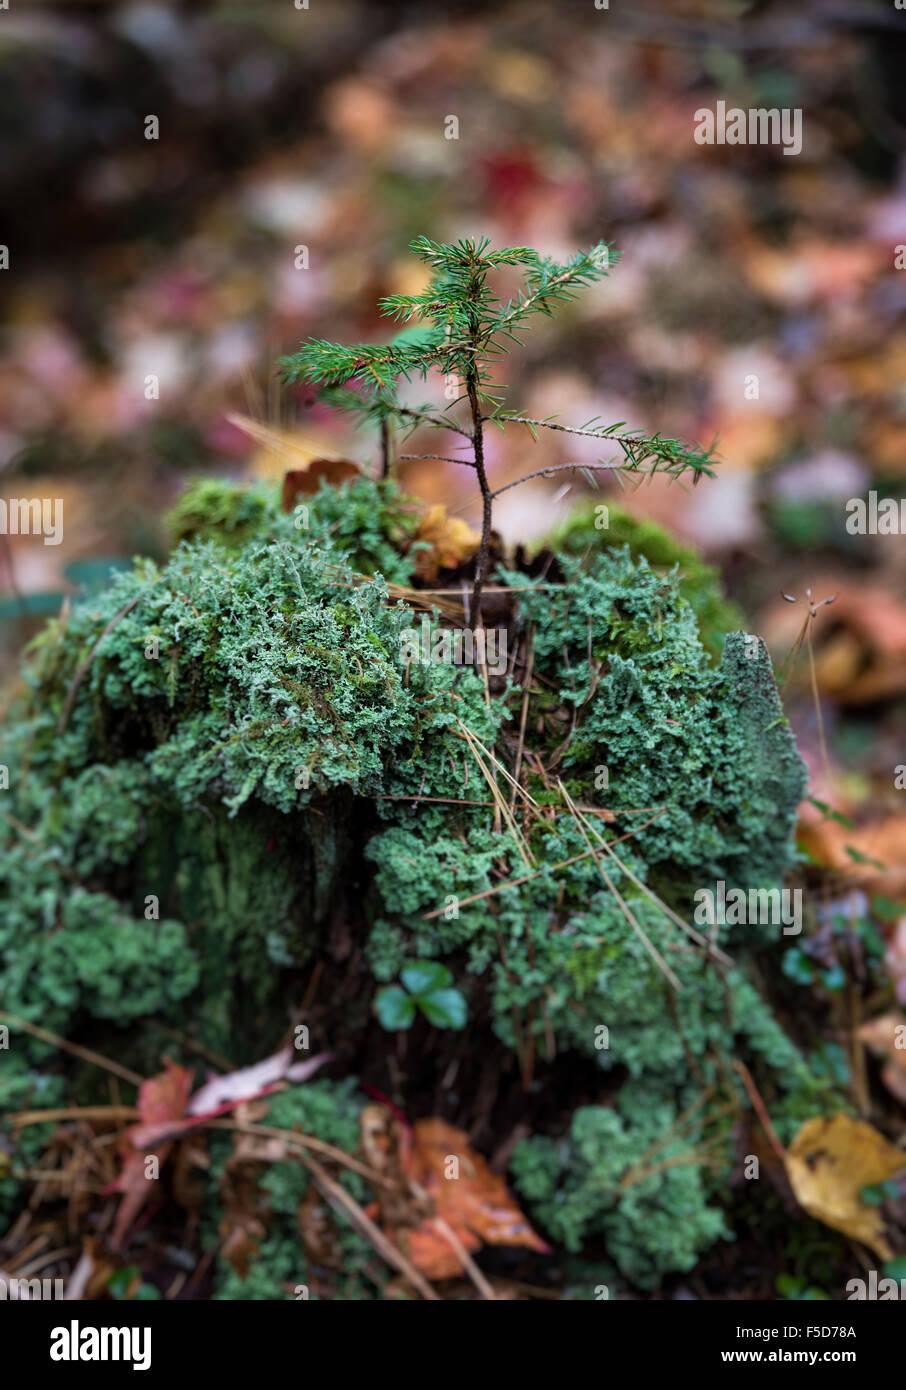 Fragile pianticella di conifera cresce dal decaduto il tronco di un albero, New Hampshire, STATI UNITI D'AMERICA Immagini Stock